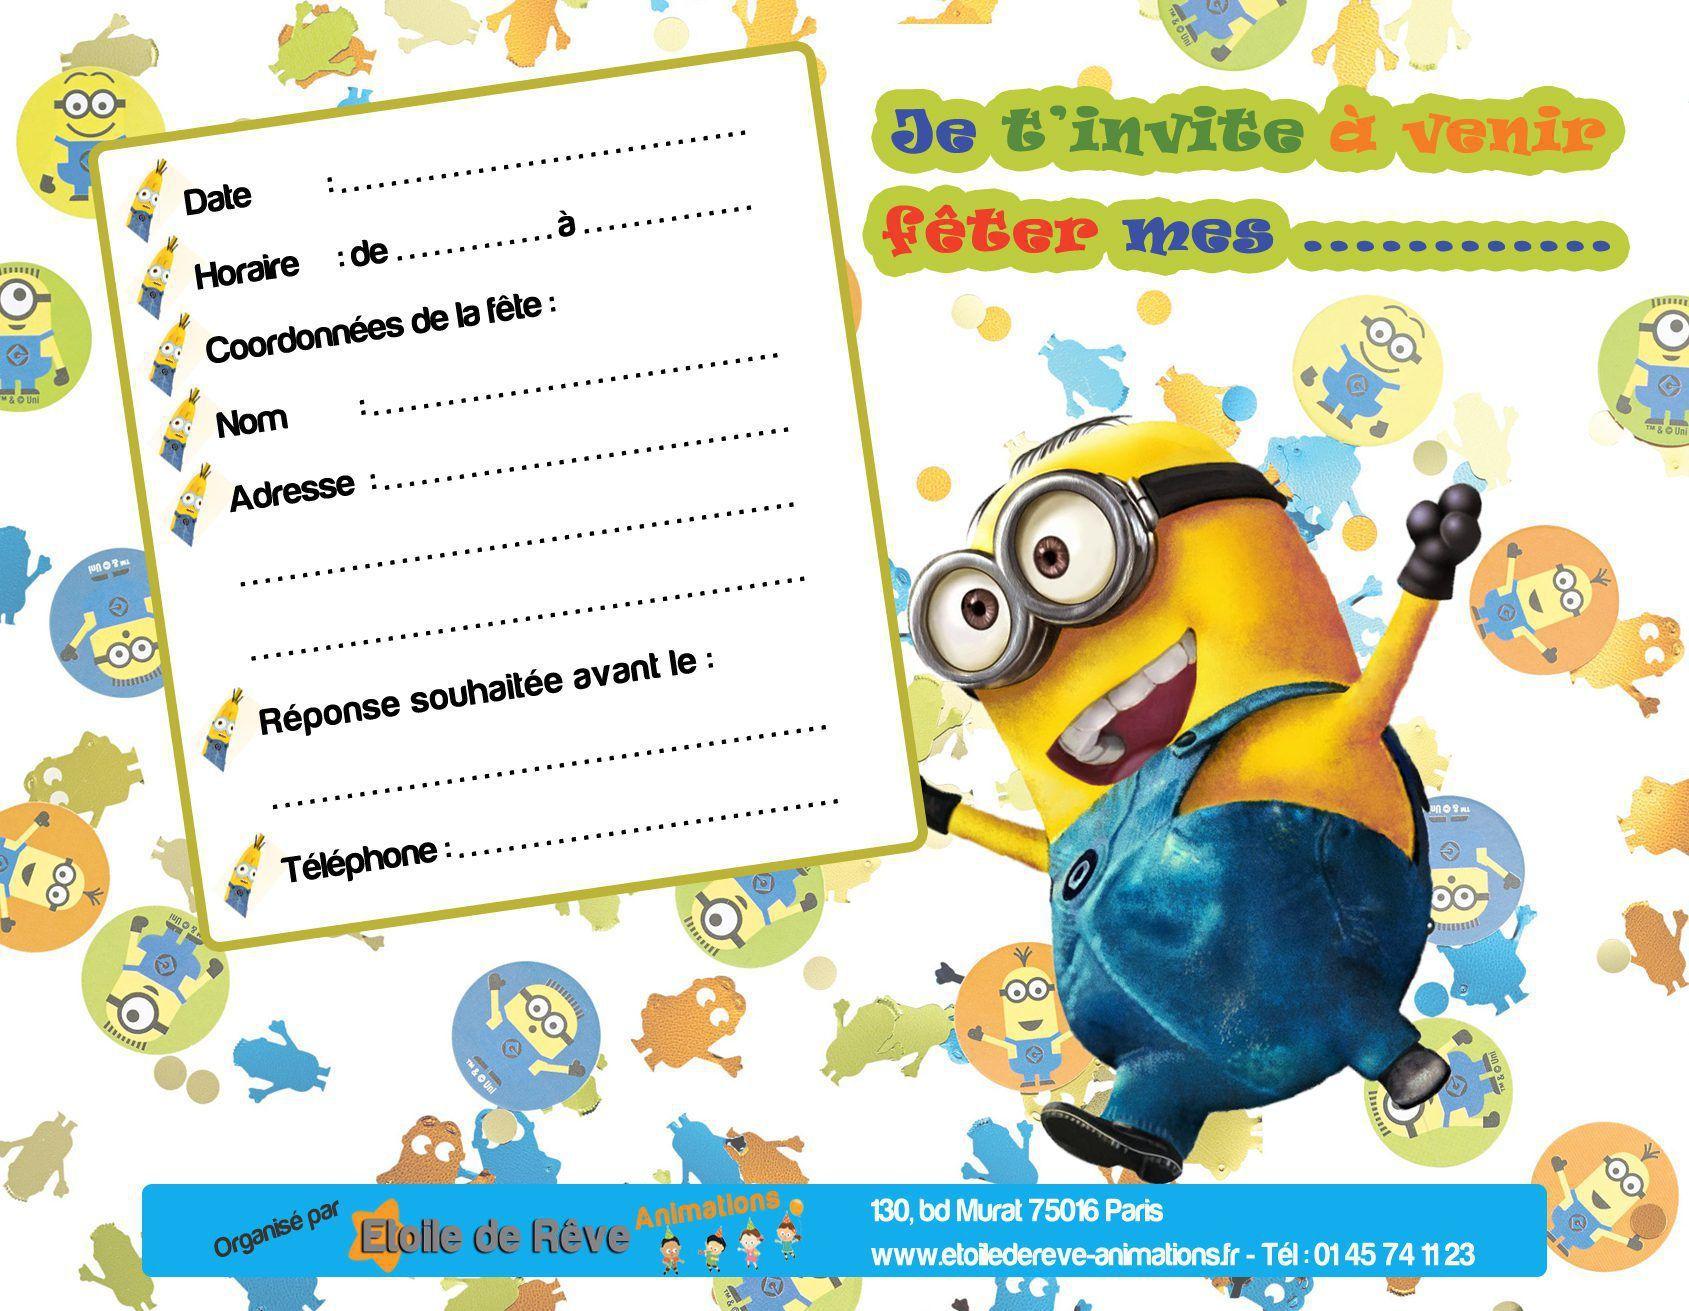 Carte Anniversaire Carte D Invitation D Anniversaire Invitation Anniversaire A Imprimer Carte Invitation Anniversaire Gratuite Modele Invitation Anniversaire